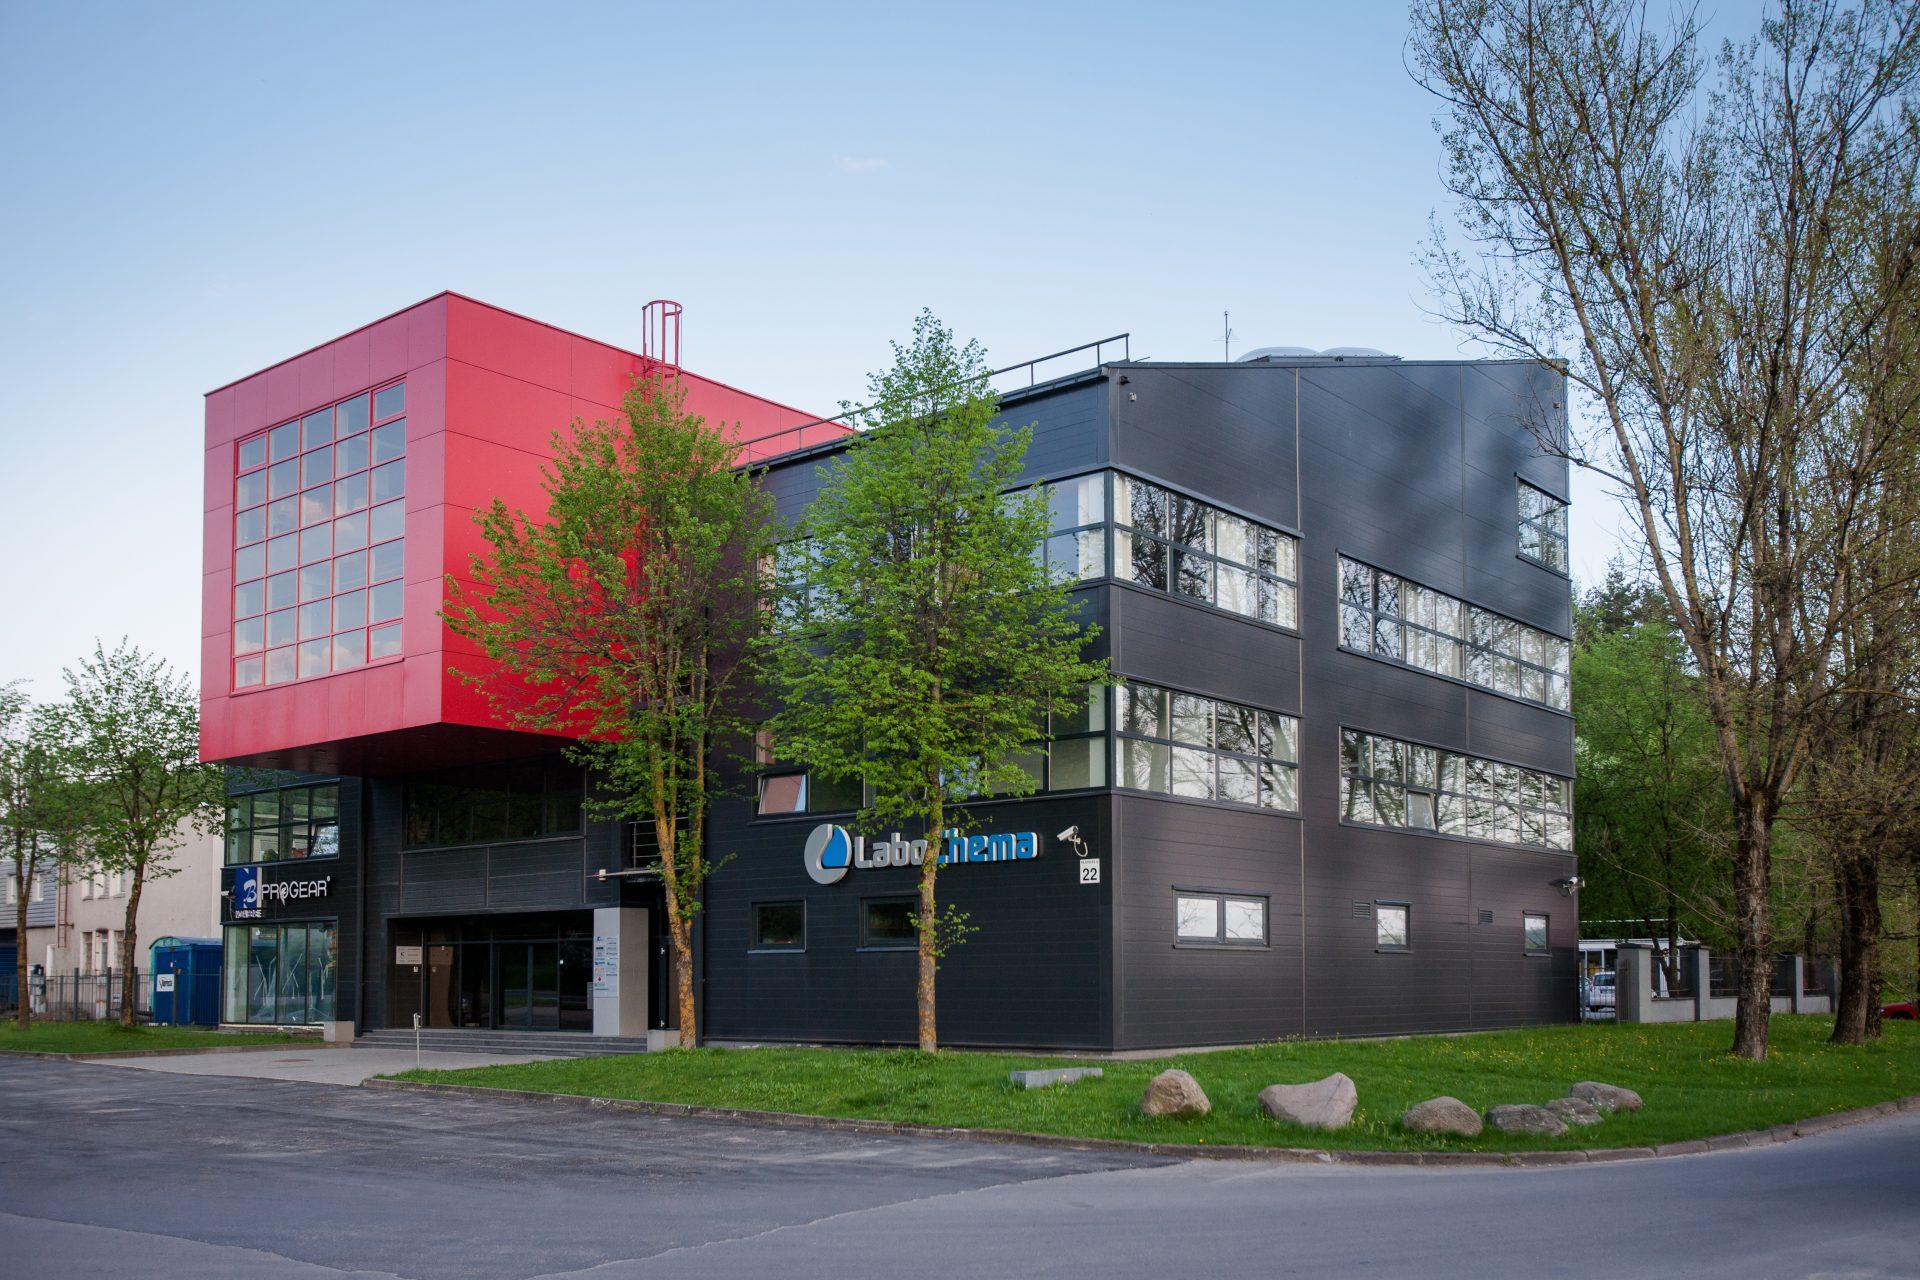 Administracinis pastatas su sandėliavimo patalpomis Vilkpėdės g. 22, Vilnius, statybos darbai